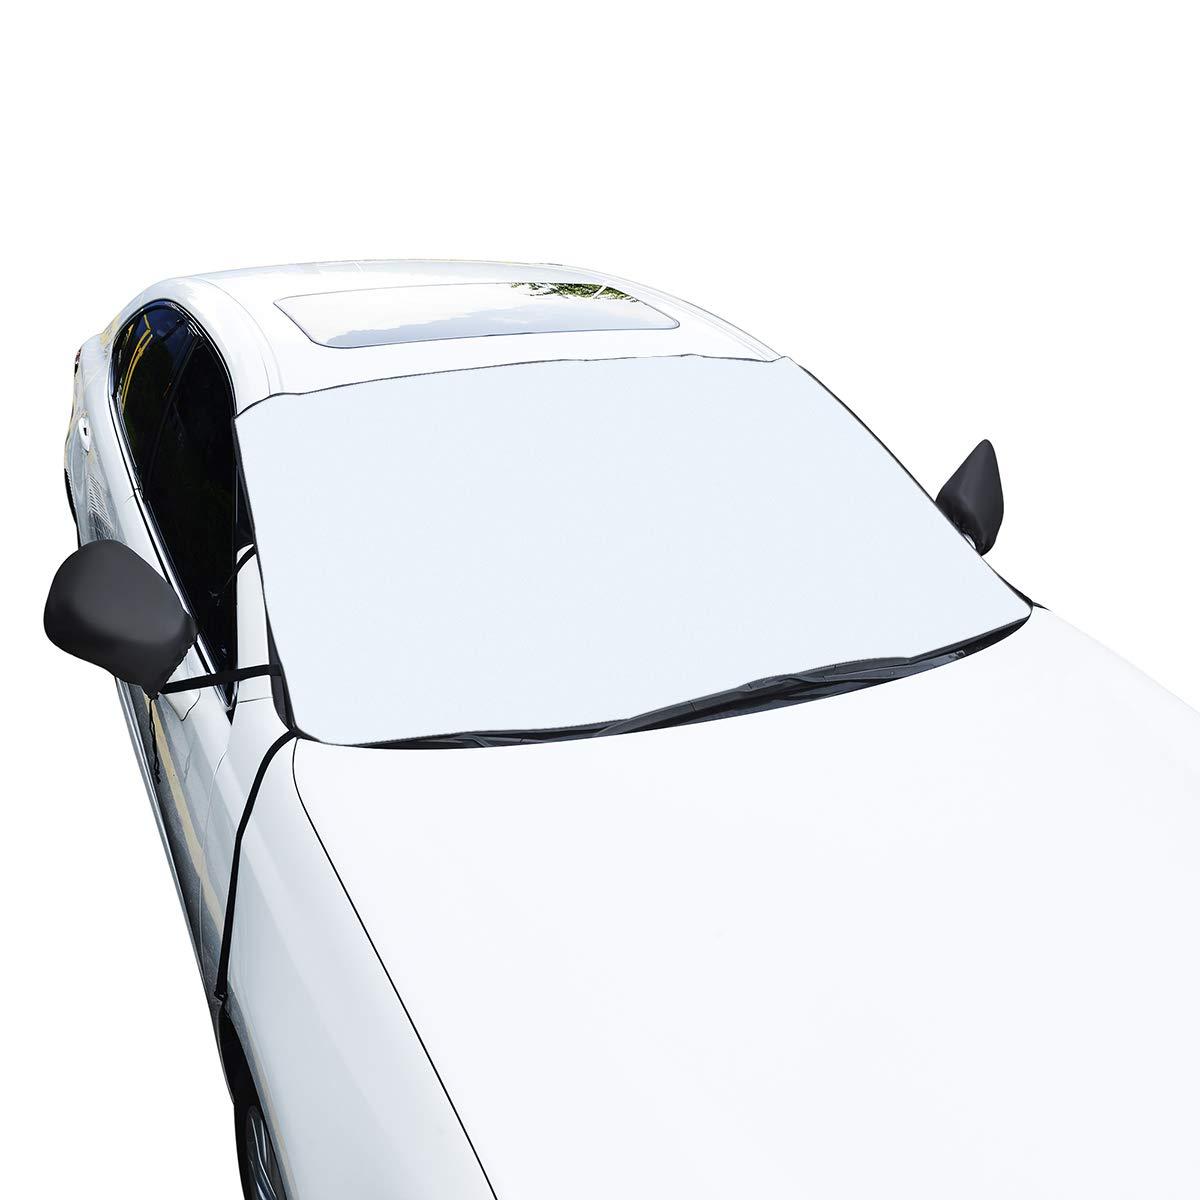 Protezione Parabrezza, SAWAKE Parasole Parabrezza Parasole Auto Telo Parabrezza Auto Copertura Parasole Anti UV Antineve Antighiaccio per Parabrezza (190 * 940 * 150cm) SAWAKEPO84BUK366